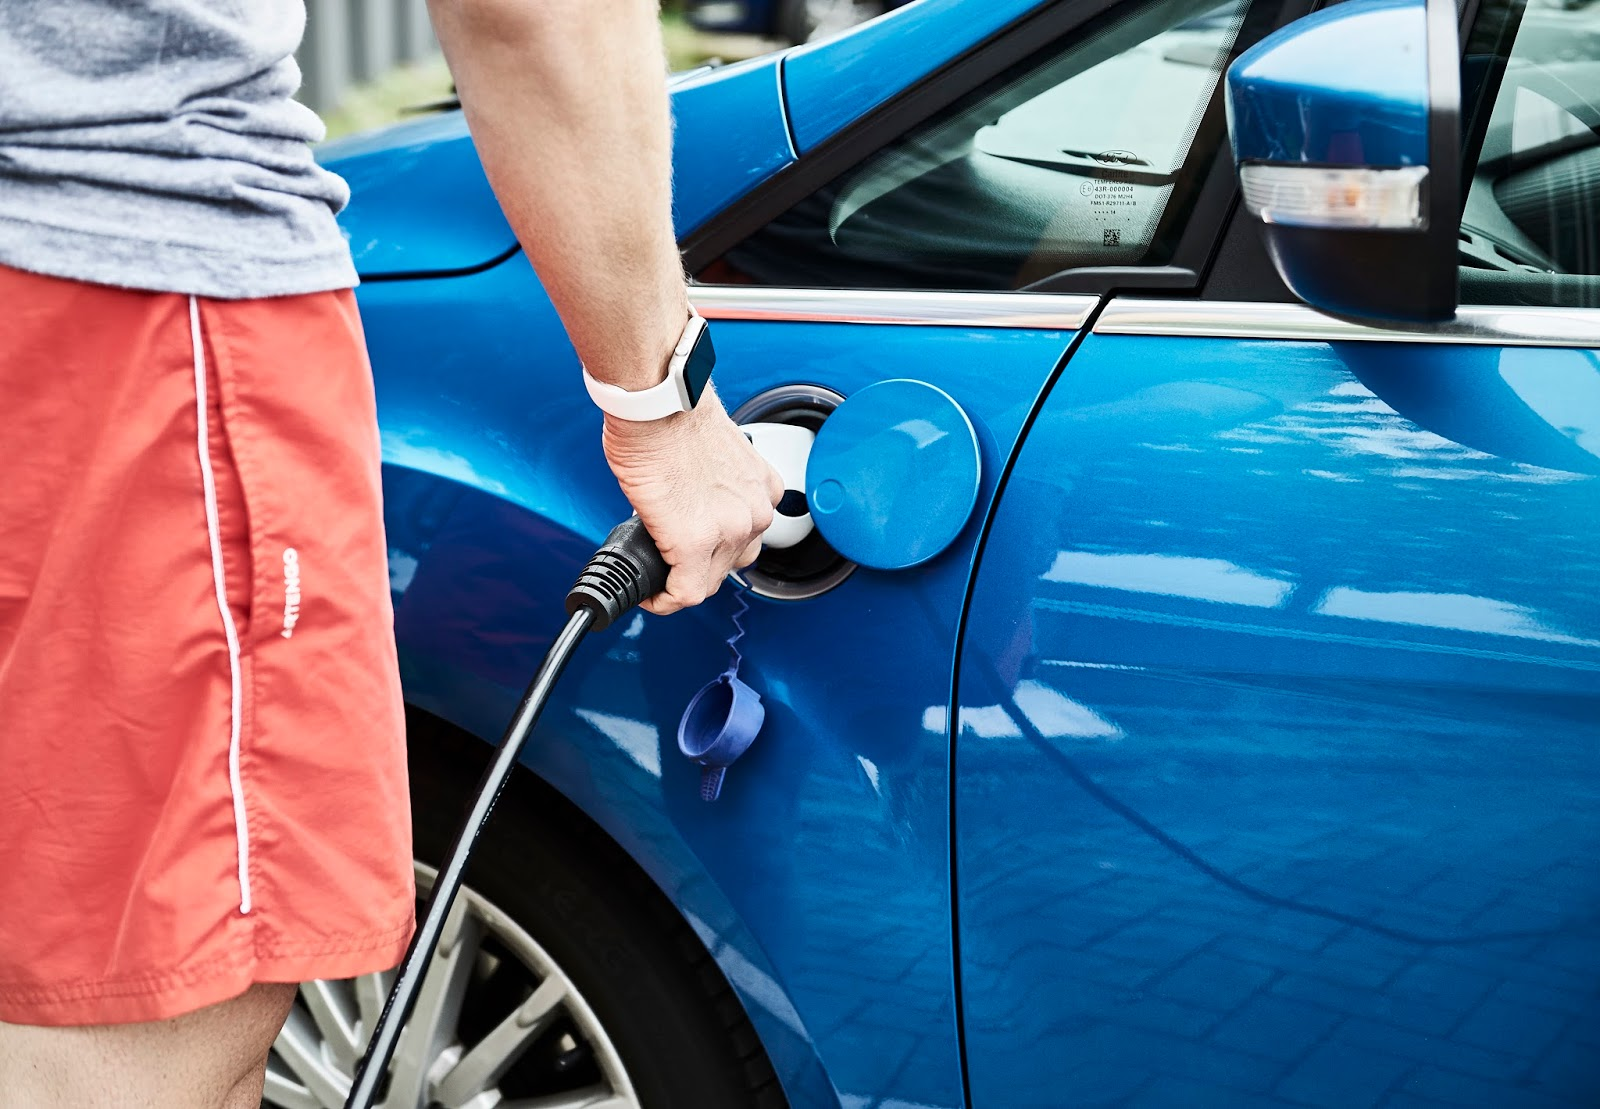 13 MyFordMobile charging Χρησιμοποιείστε το smartwatch σας για να τσεκάρετε το ηλεκτρικό σας αυτοκίνητο Ford Android Auto, Apple CarPlay, Electric cars, Ford, videos, Τεχνολογία